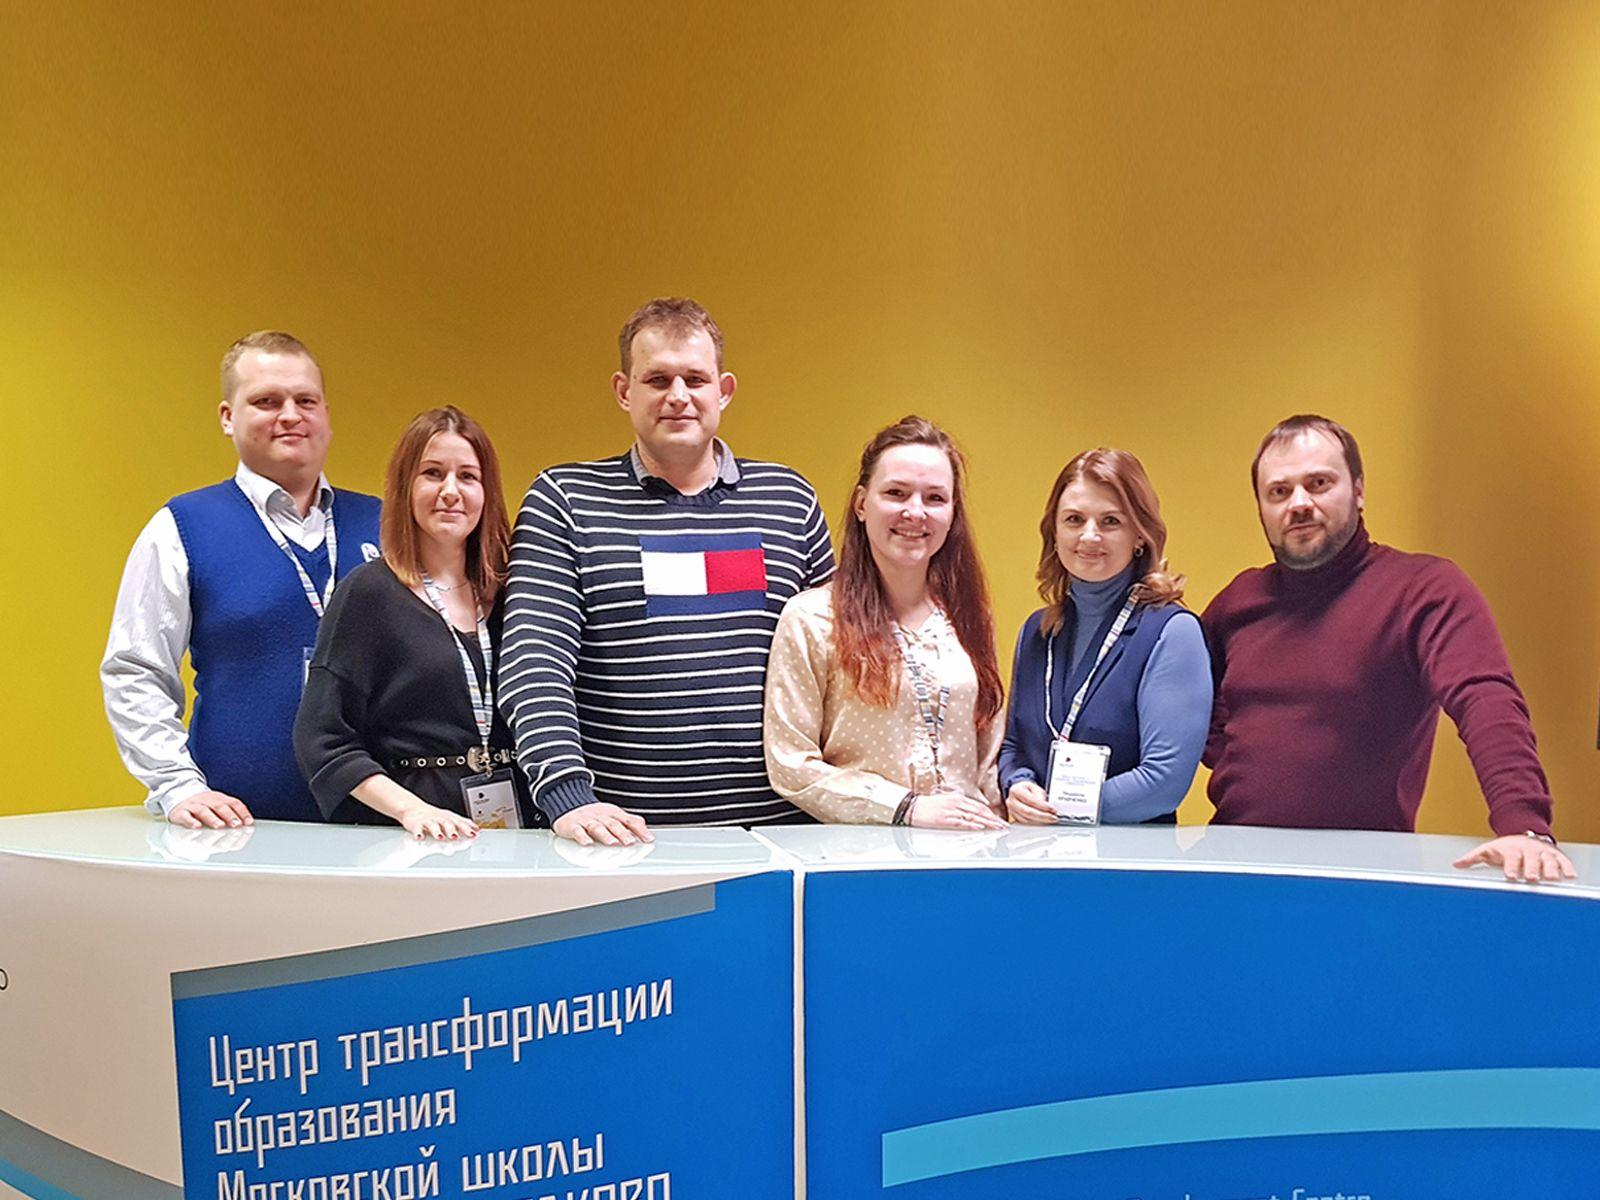 Команда ВГУЭС приступила к третьему модулю обучения в МШУ Сколково